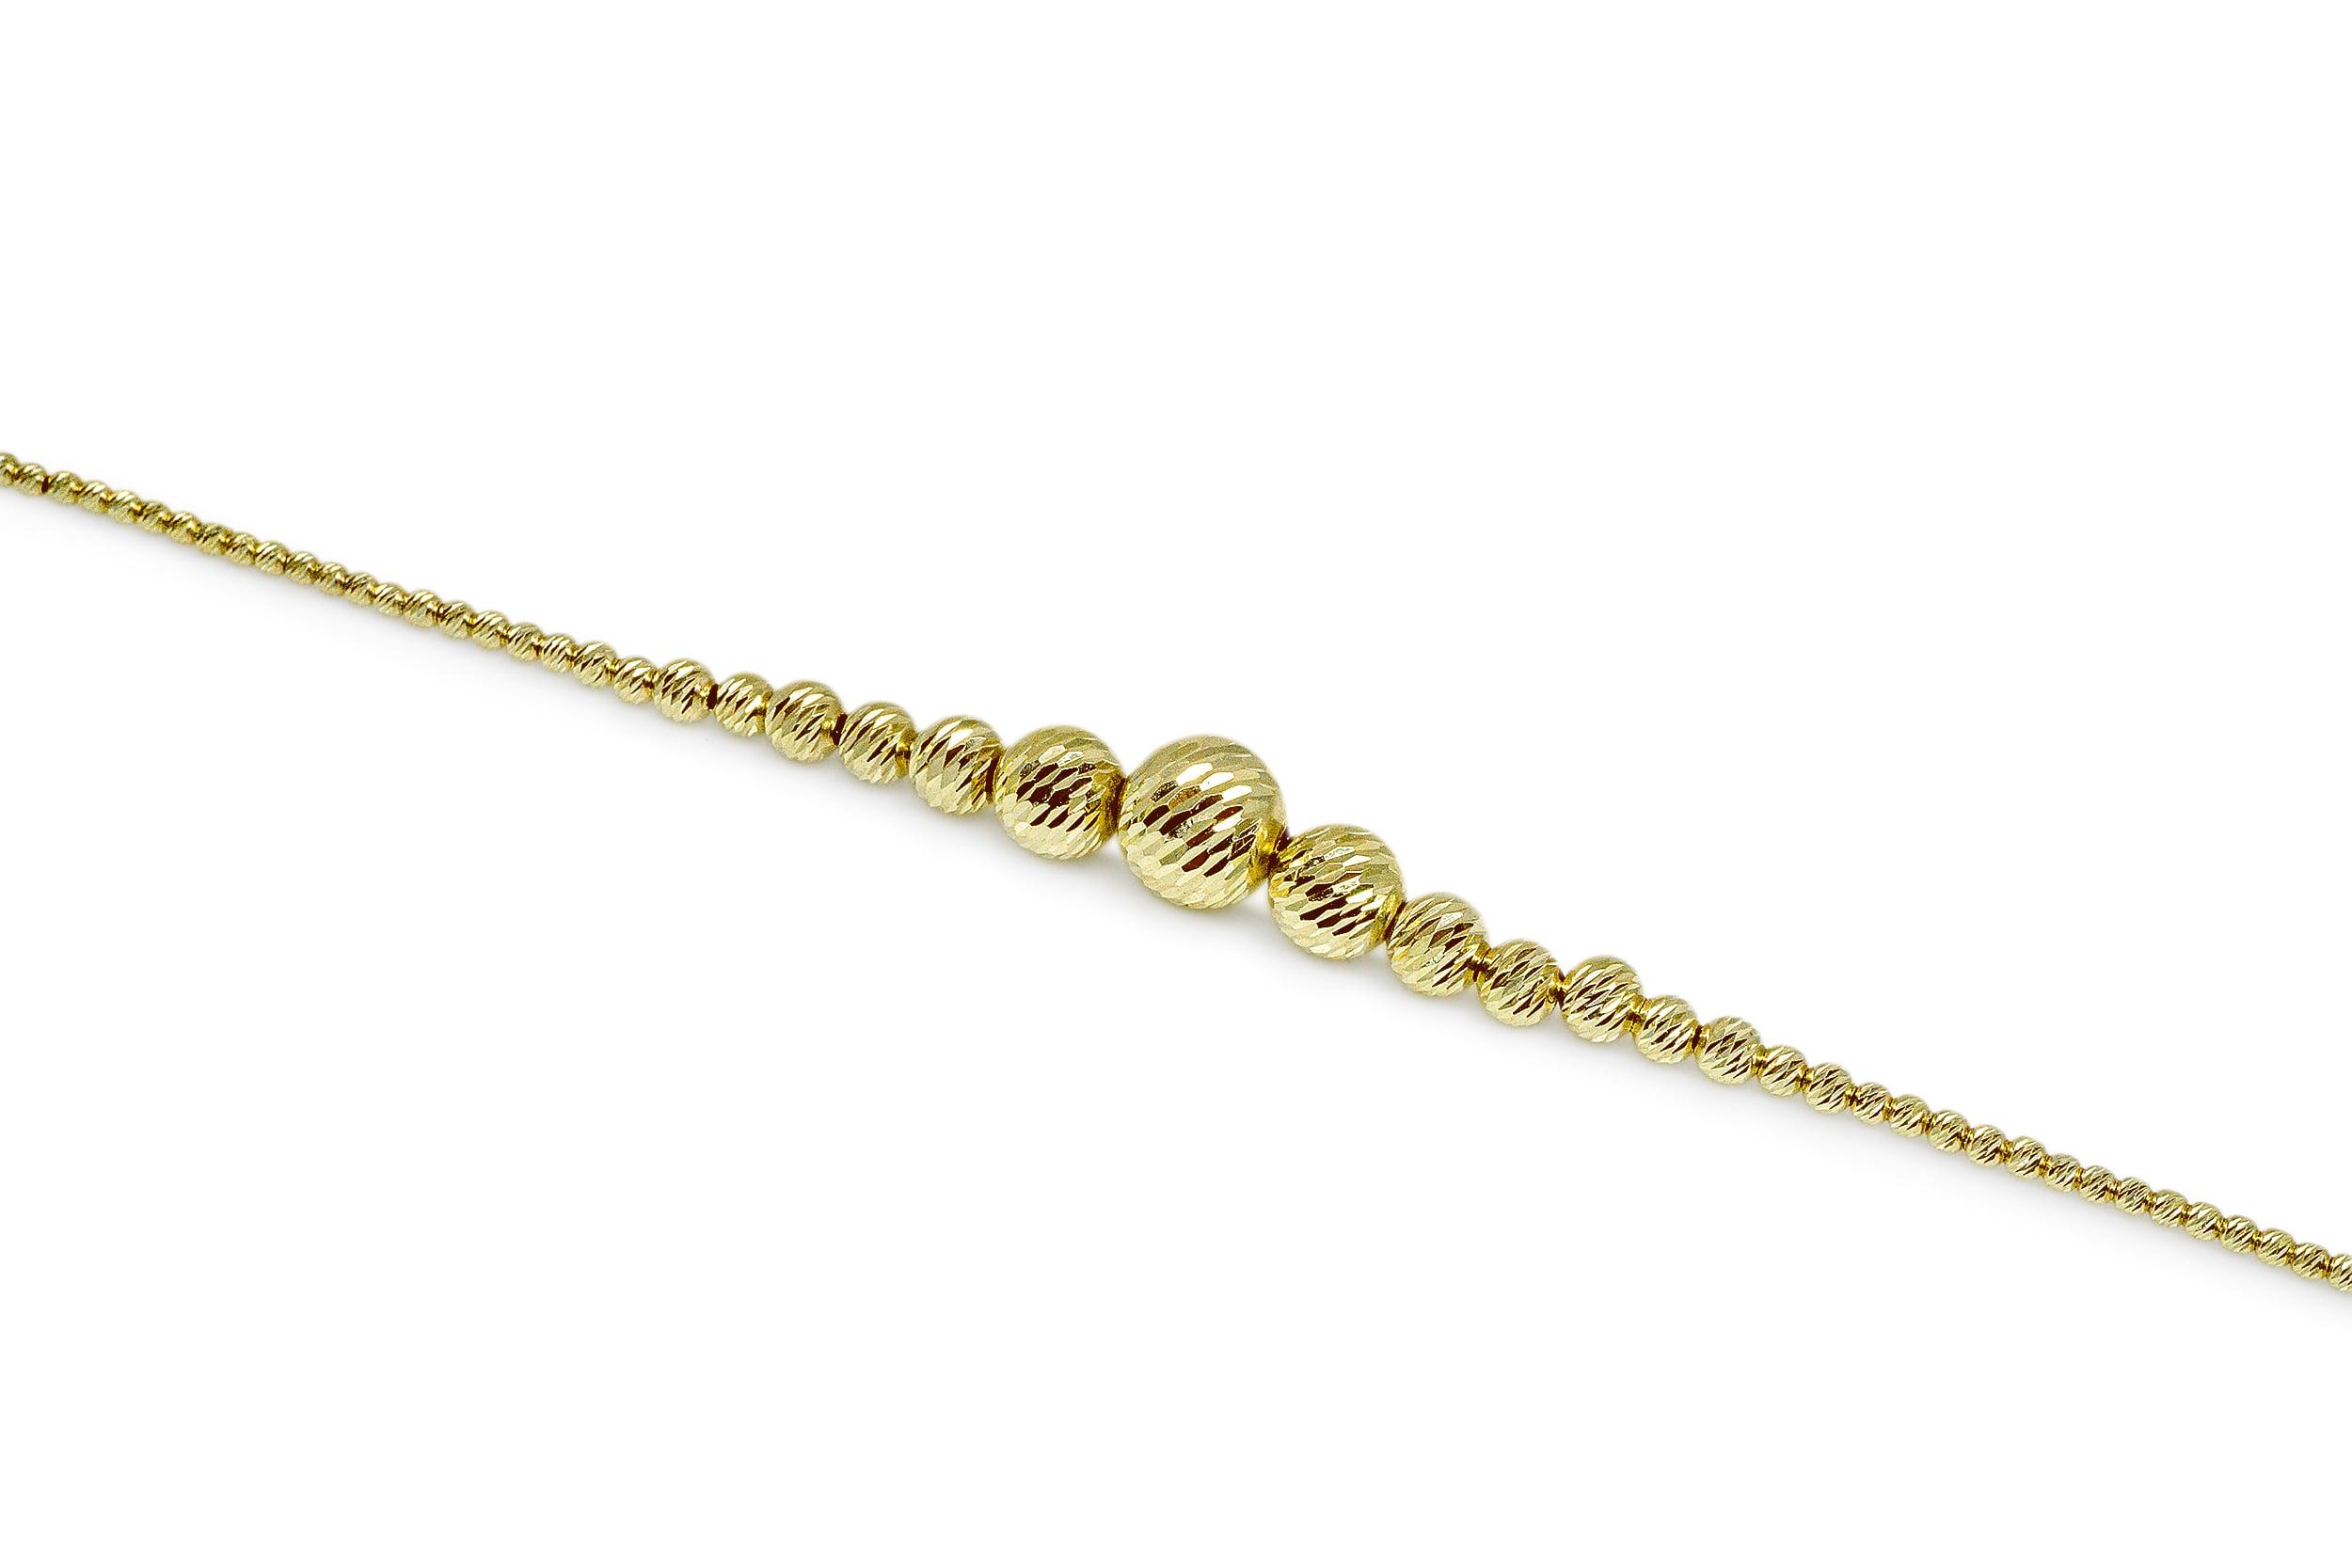 צמיד כדורים לאישה זהב 14 קראט   צמיד זהב   כדורי זהב לנשים   צמיד יד לאישה   צמידי זהב לנשים